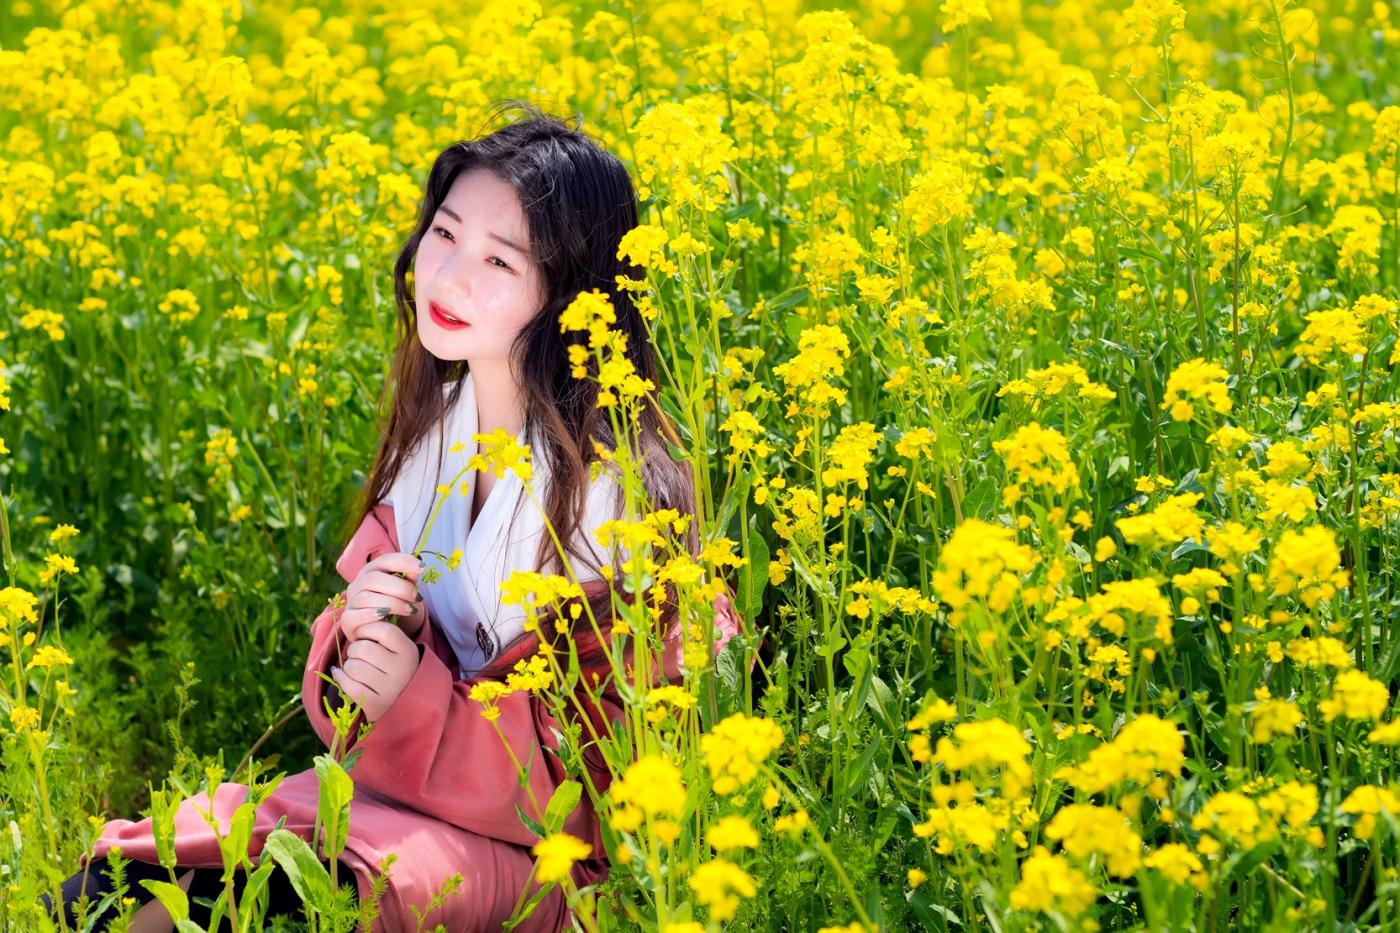 清明时节踏春的临沂女孩们_图1-11